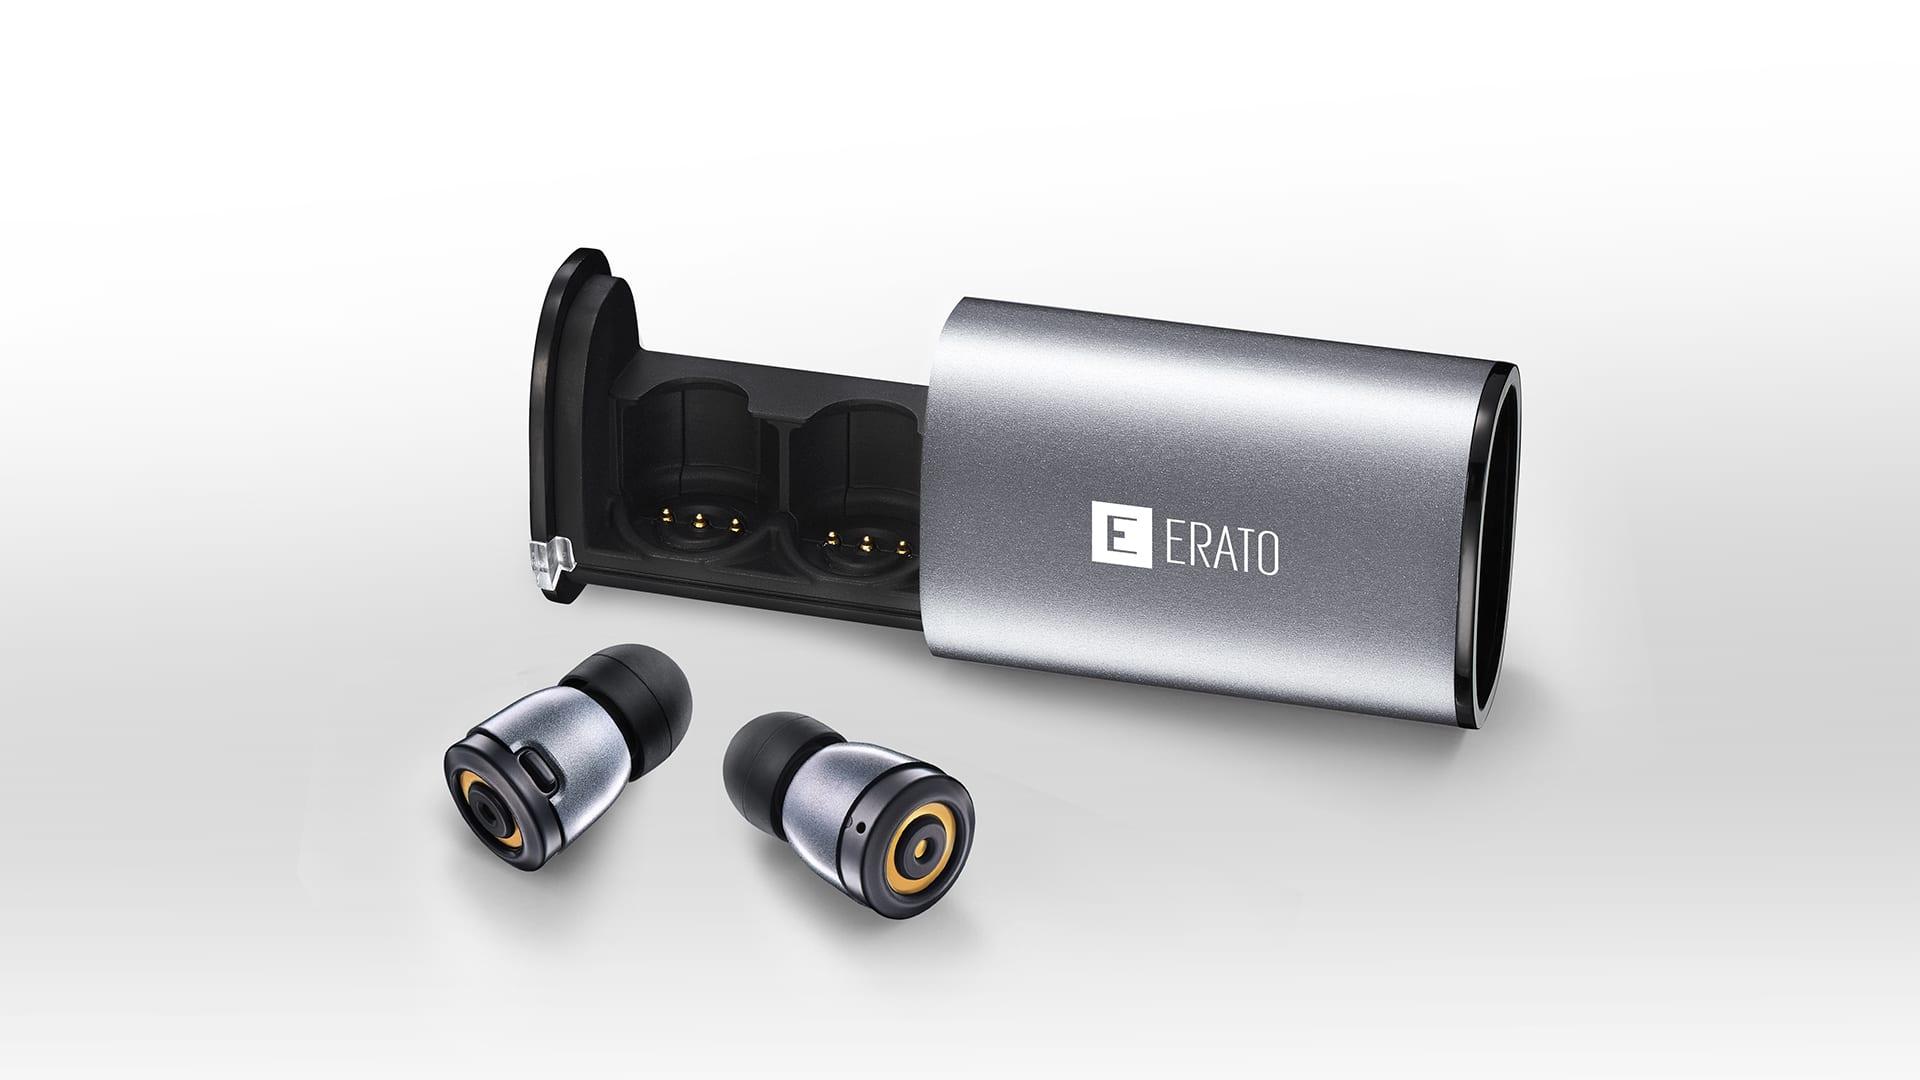 Bild von Erato Apollo 7: Bluetooth In-Ear Headset komplett ohne Kabel